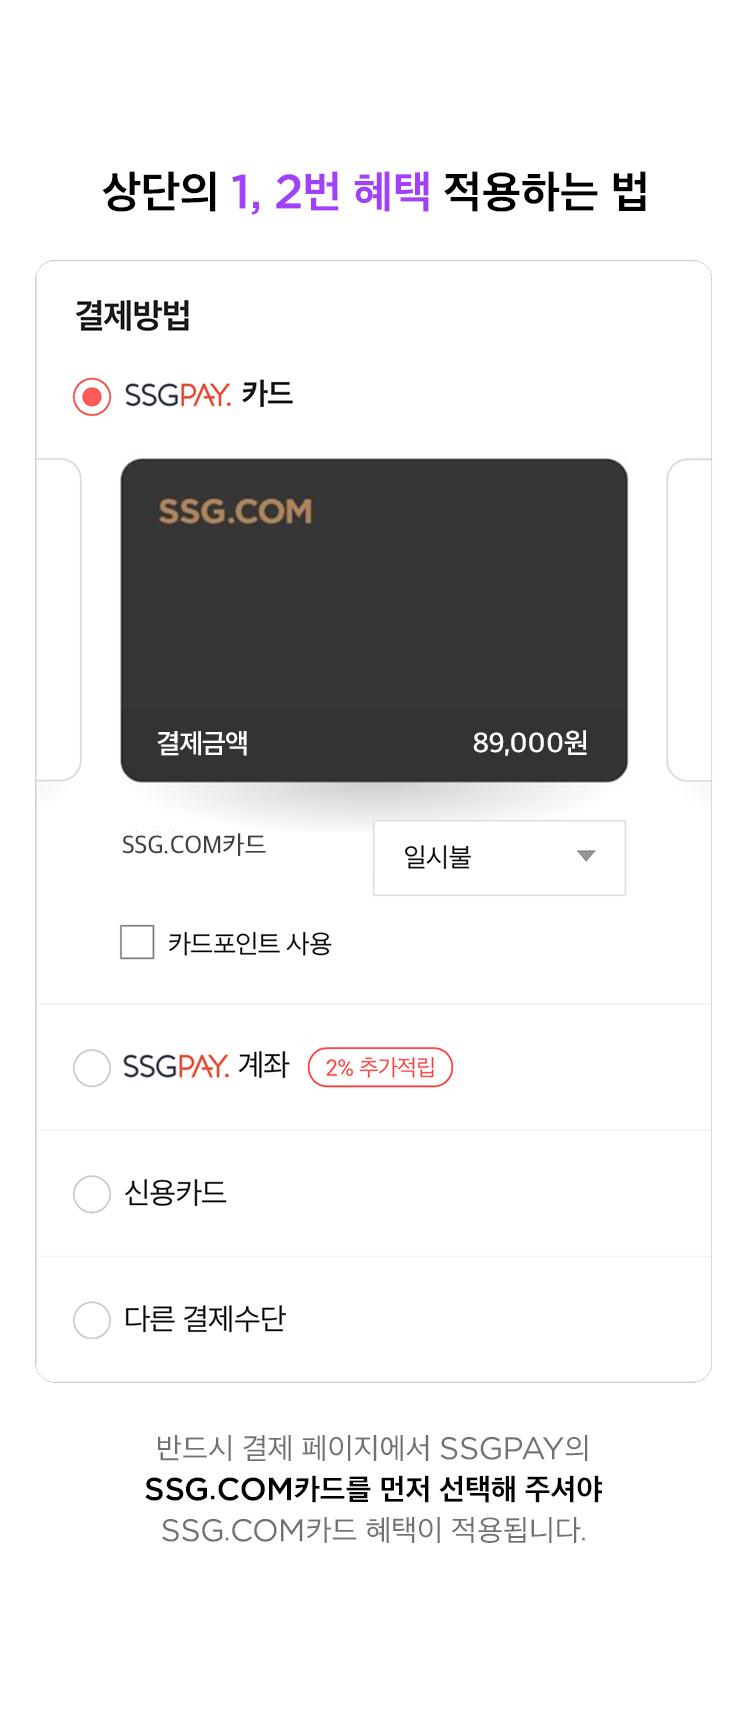 반드시 결제 페이지에서 SSGPAY의 SSG.COM카드를 먼저 선택해주셔야 SSG.COM카드 전용 혜택이 적용됩니다!